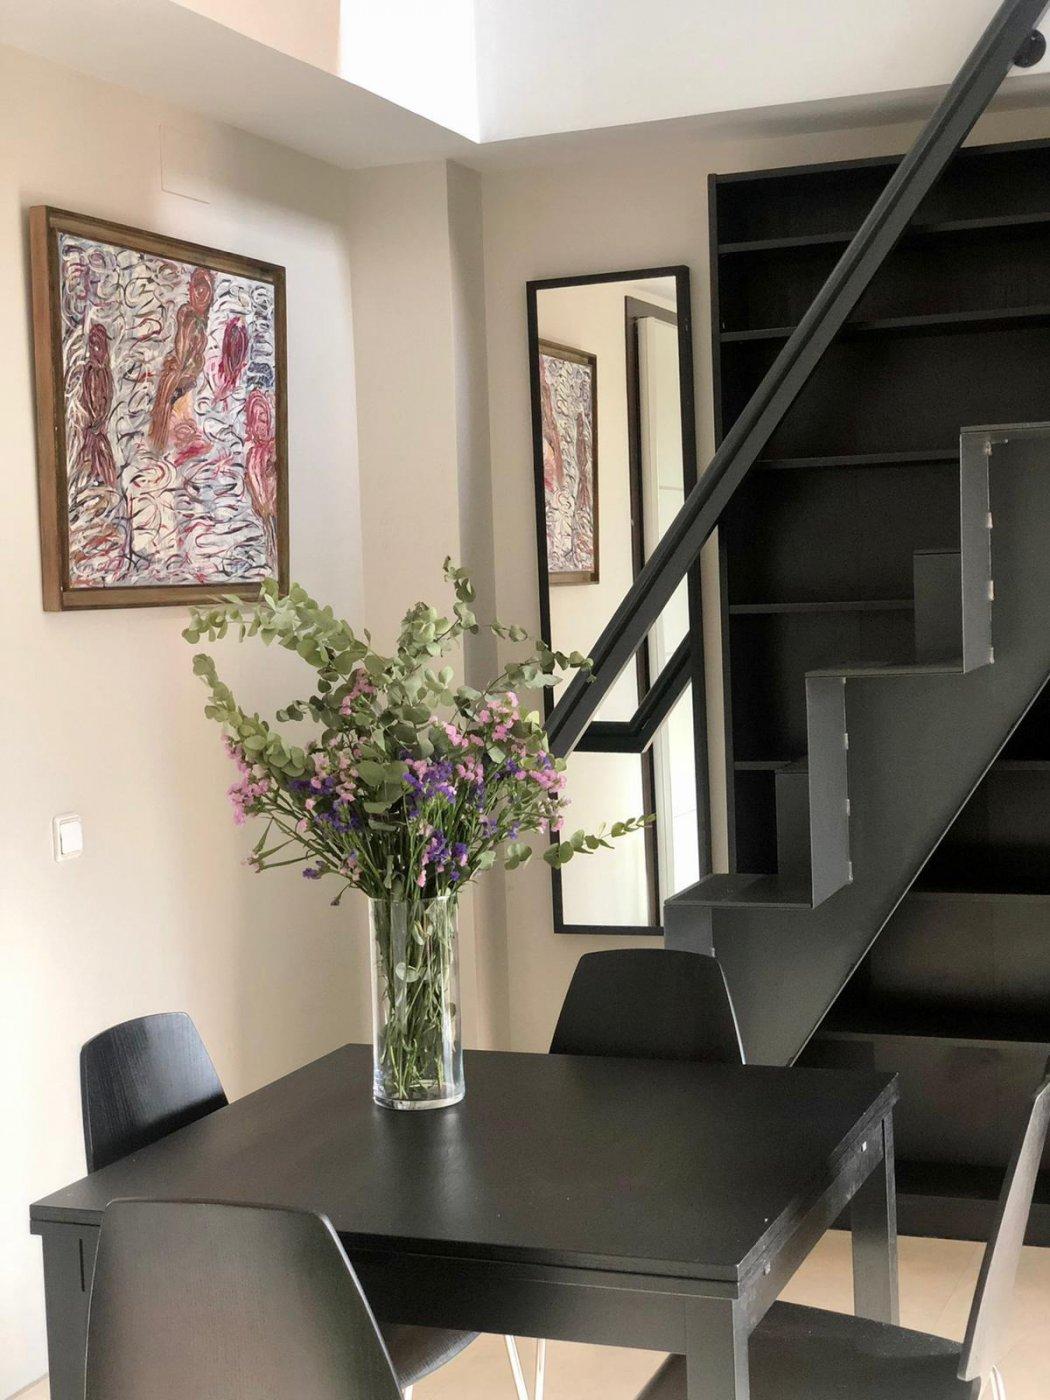 Venta o alquiler de piso en madrid - imagenInmueble2